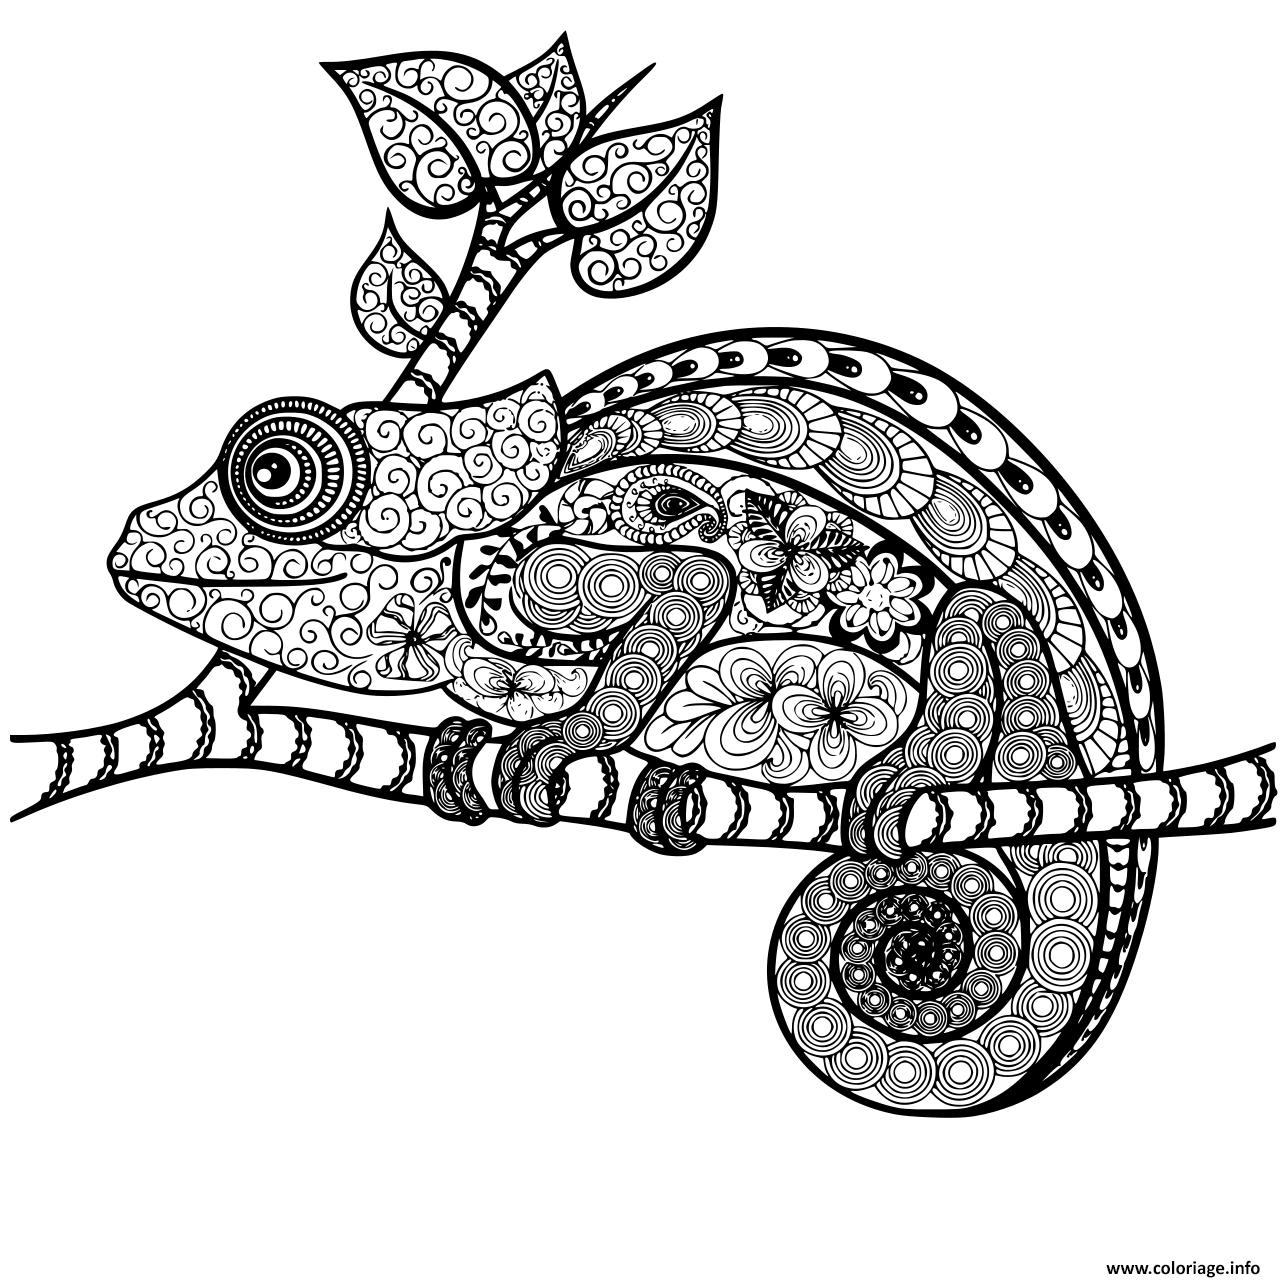 Dessin cameleon mandala adulte zentangle Coloriage Gratuit à Imprimer